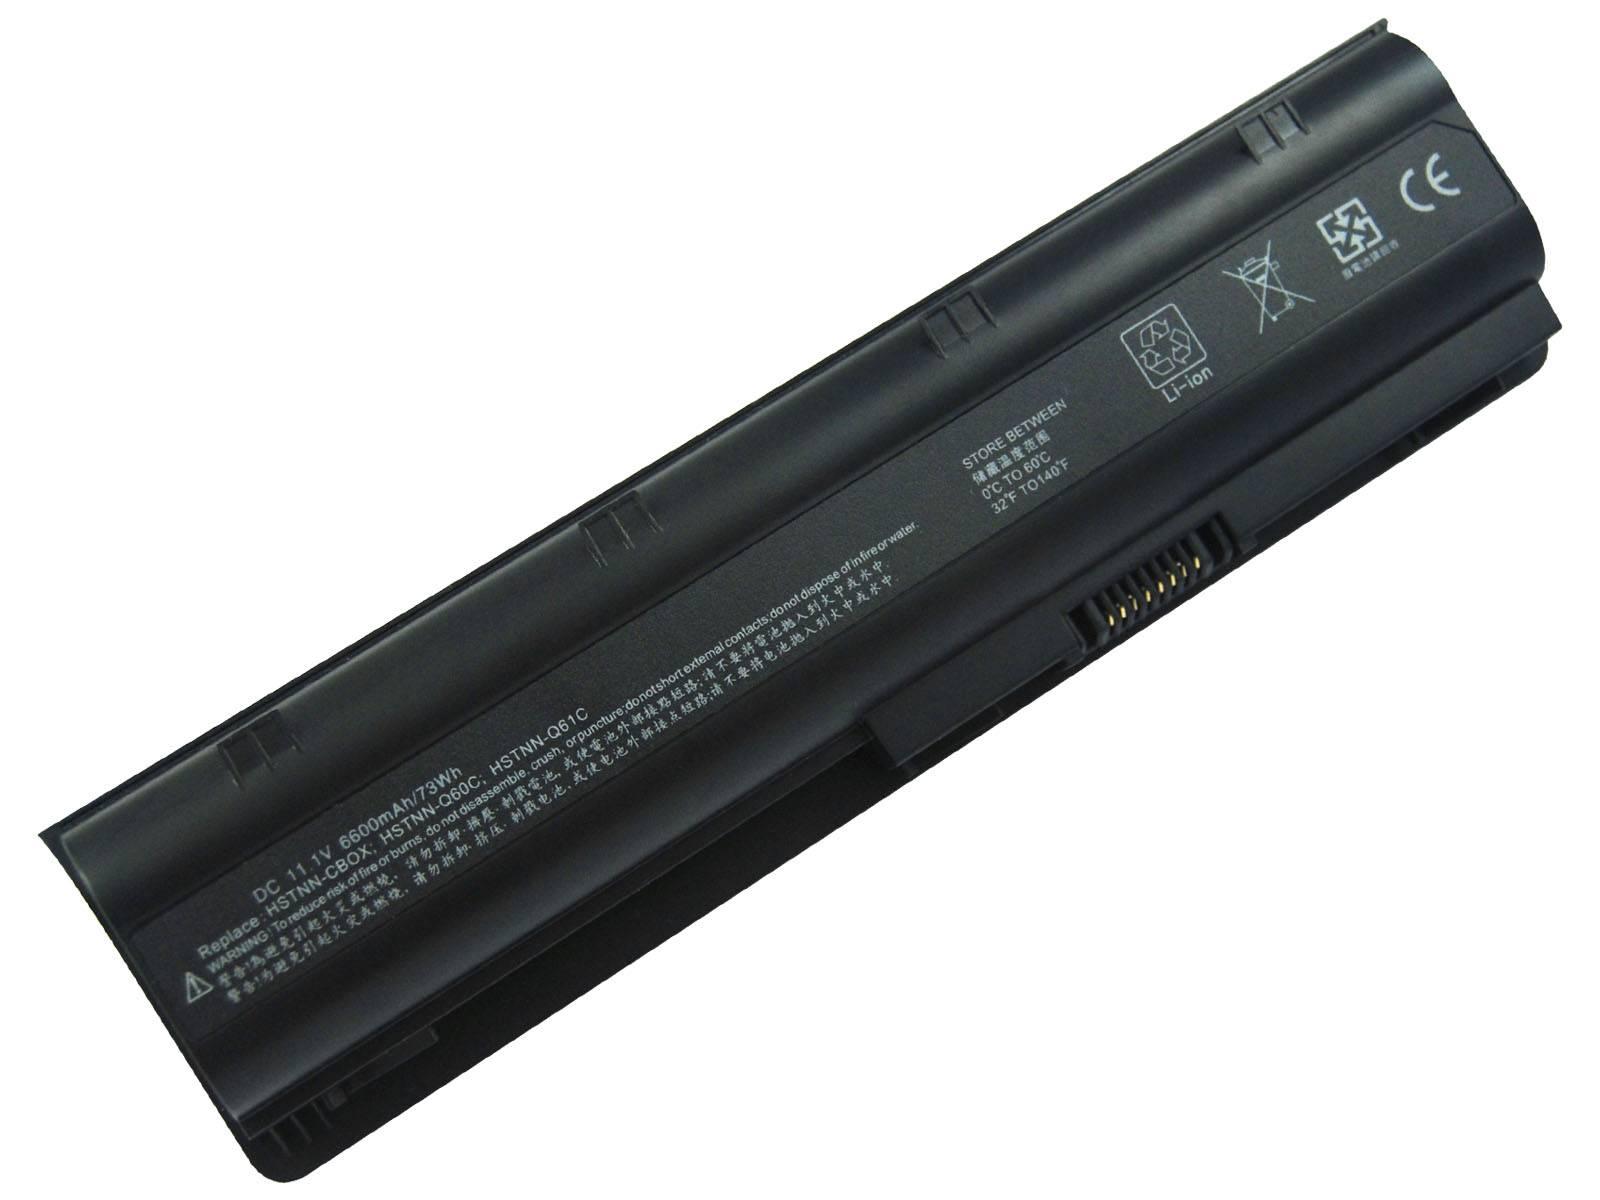 Good quality laptop battery replacement for HP/COMPAQ DM4 CQ42 CQ56 G62 CQ62 CQ72, 6 cells, 4,400mAh